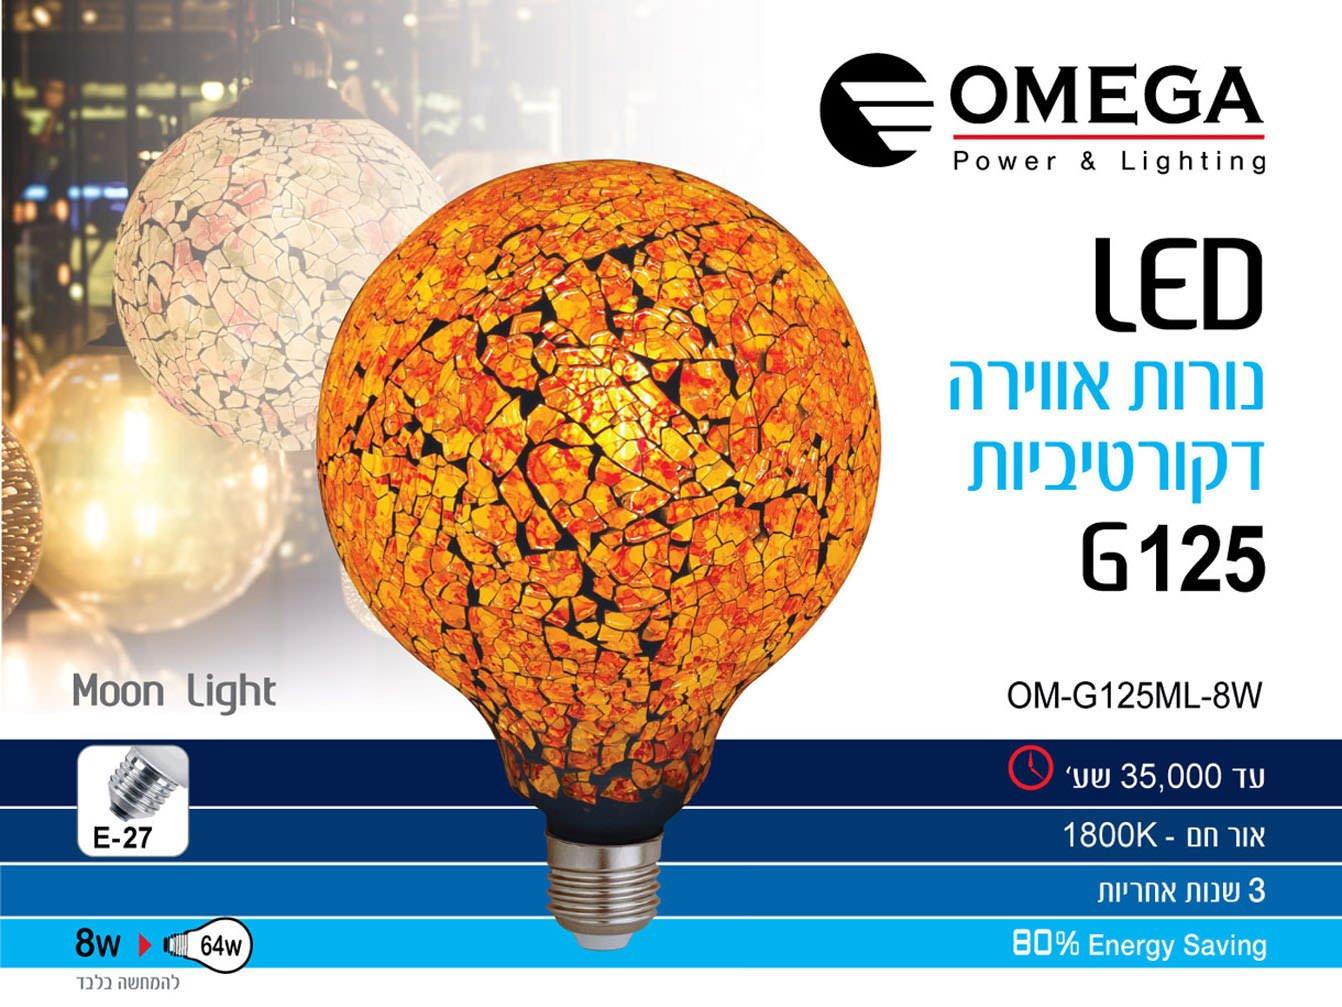 נורת לד מעוצבת דגם OMEGA G125 8W moon light